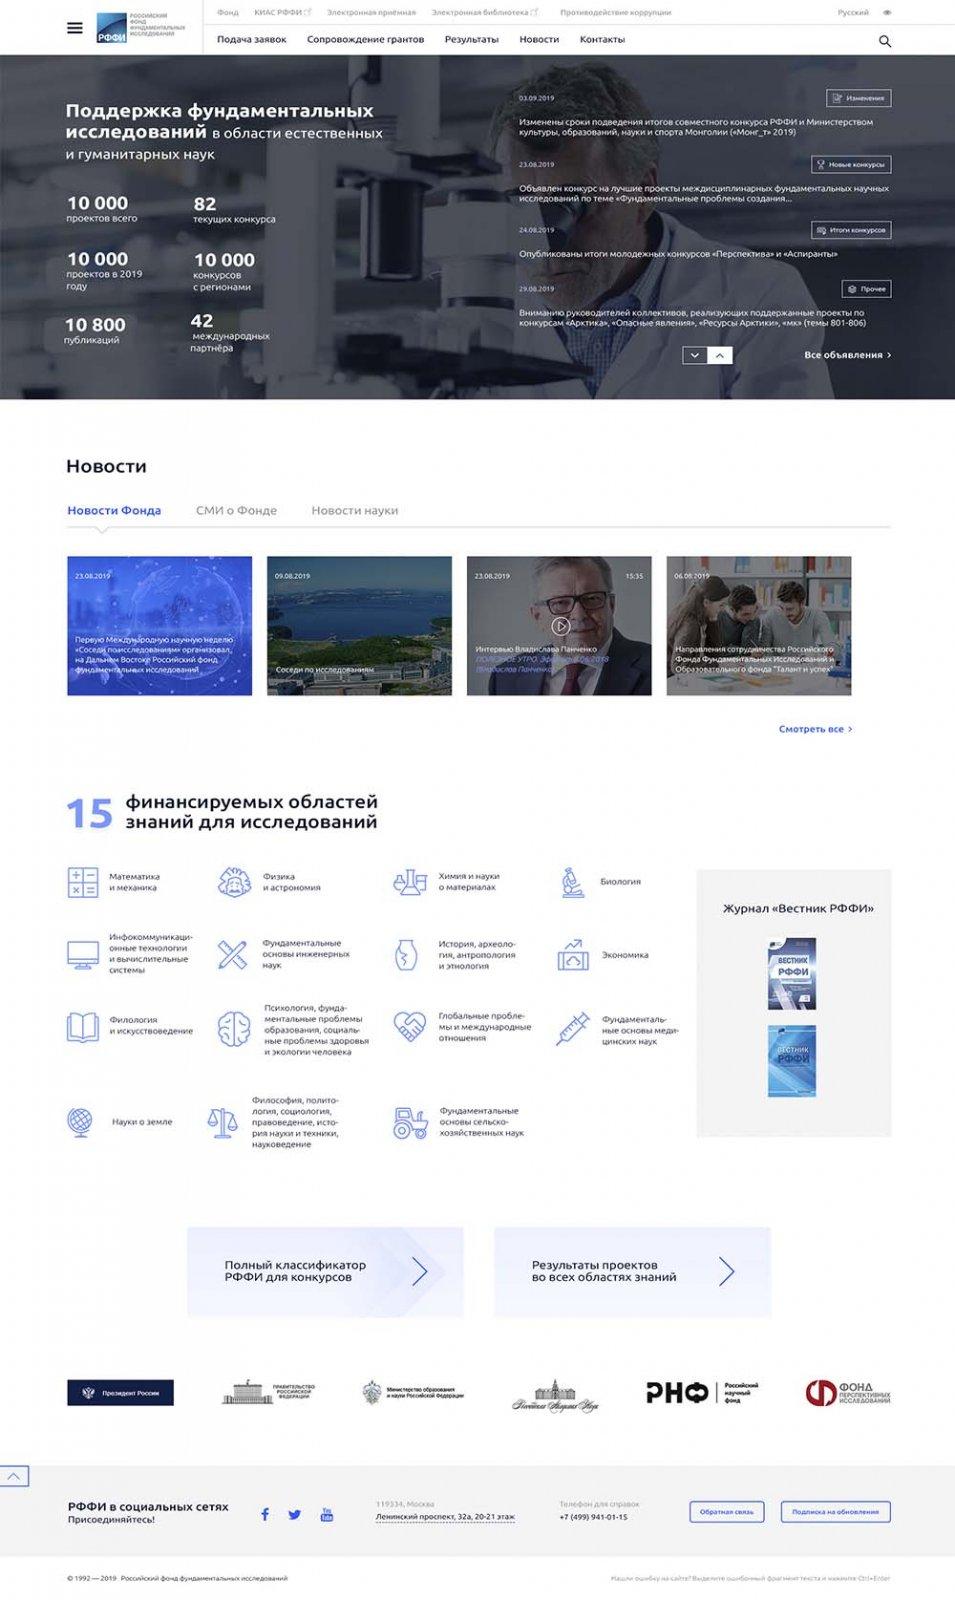 Тверская компания разрабатывает сайт для Российского фонда фундаментальных исследований